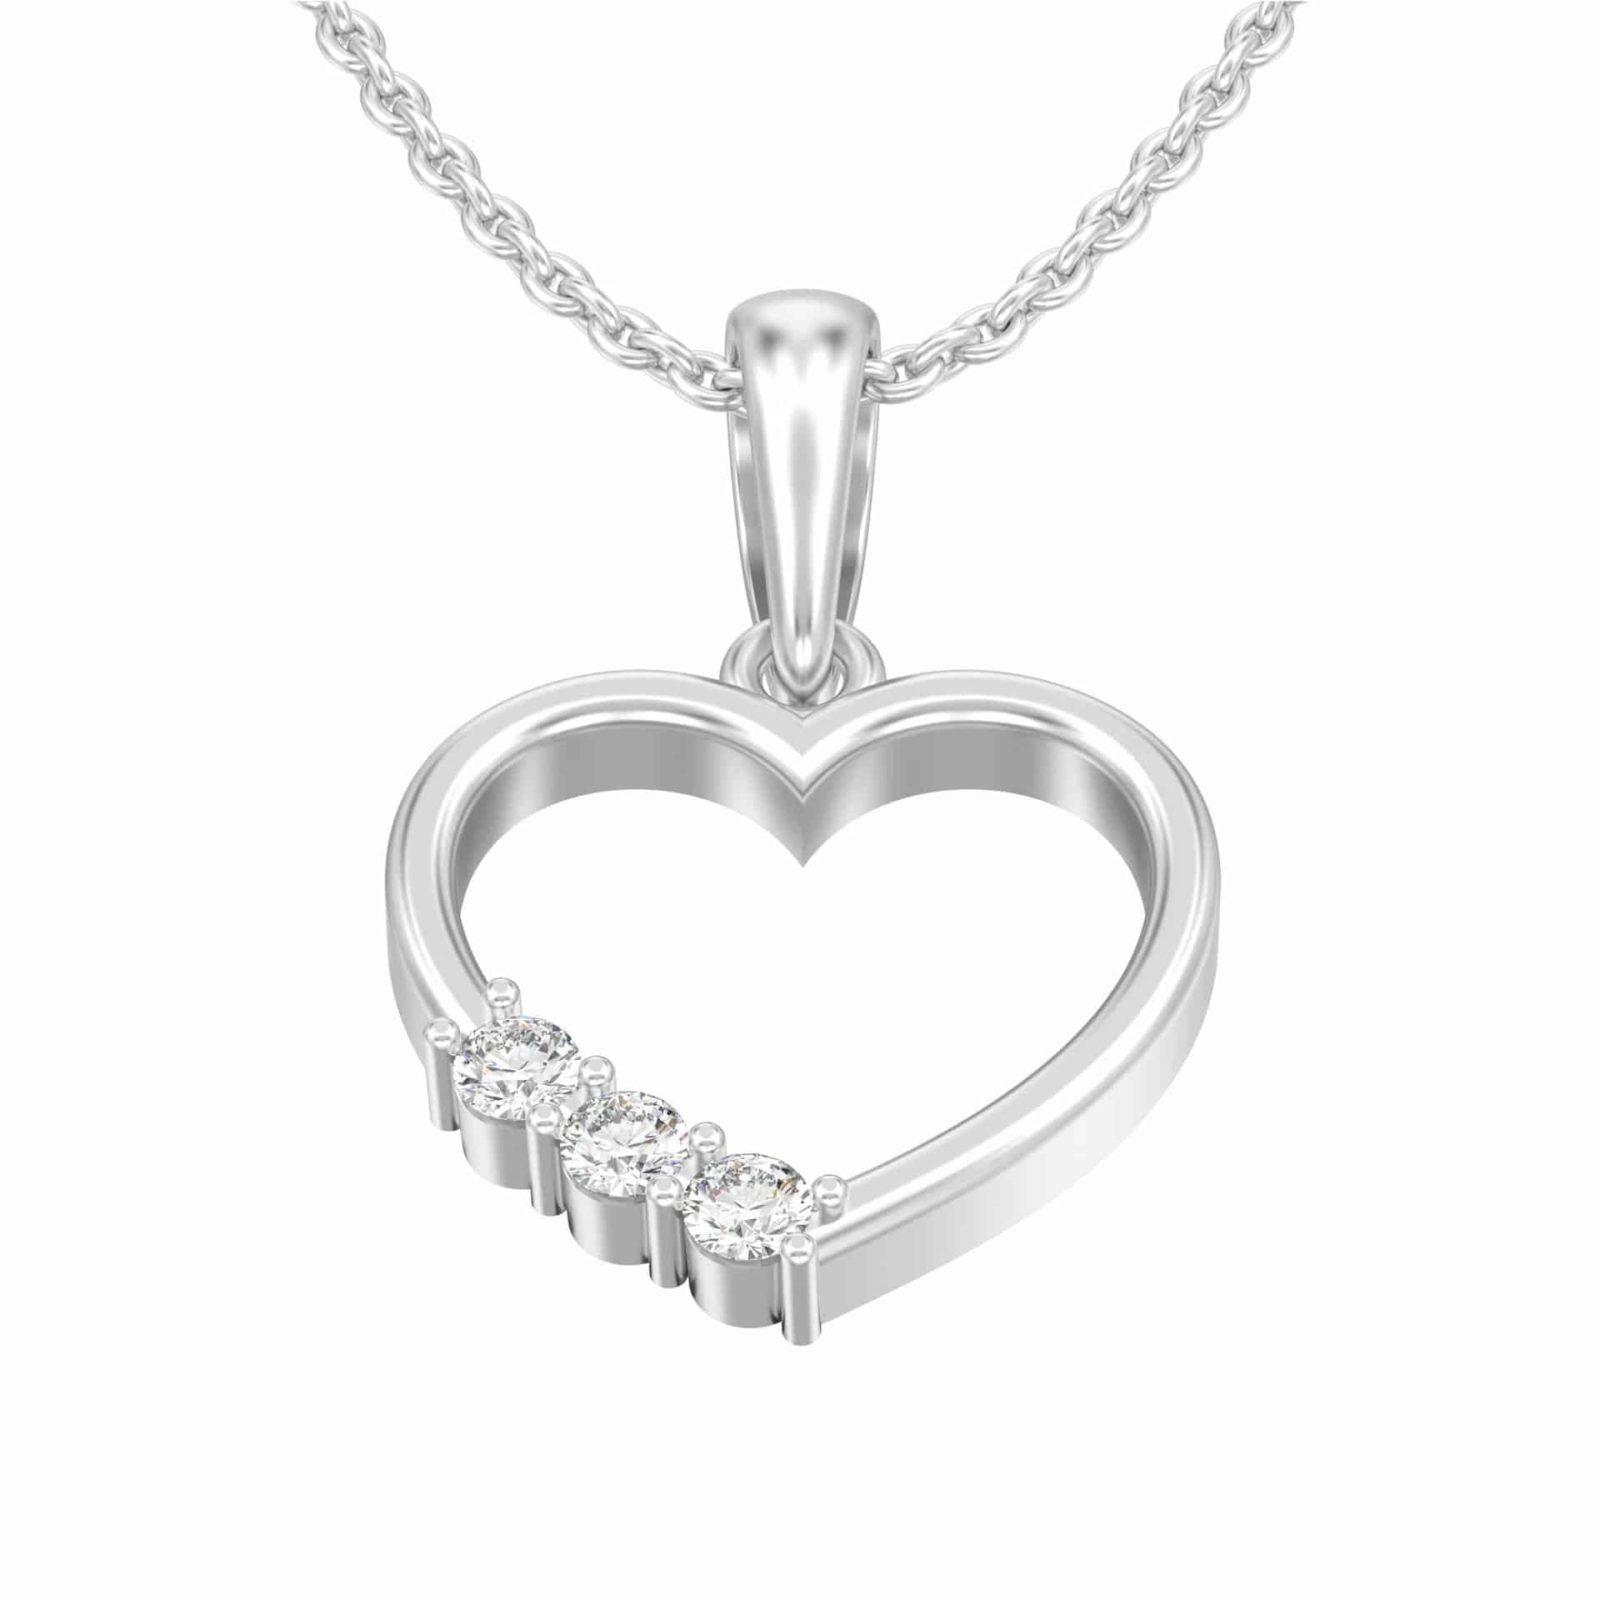 3 diamonds heart necklace